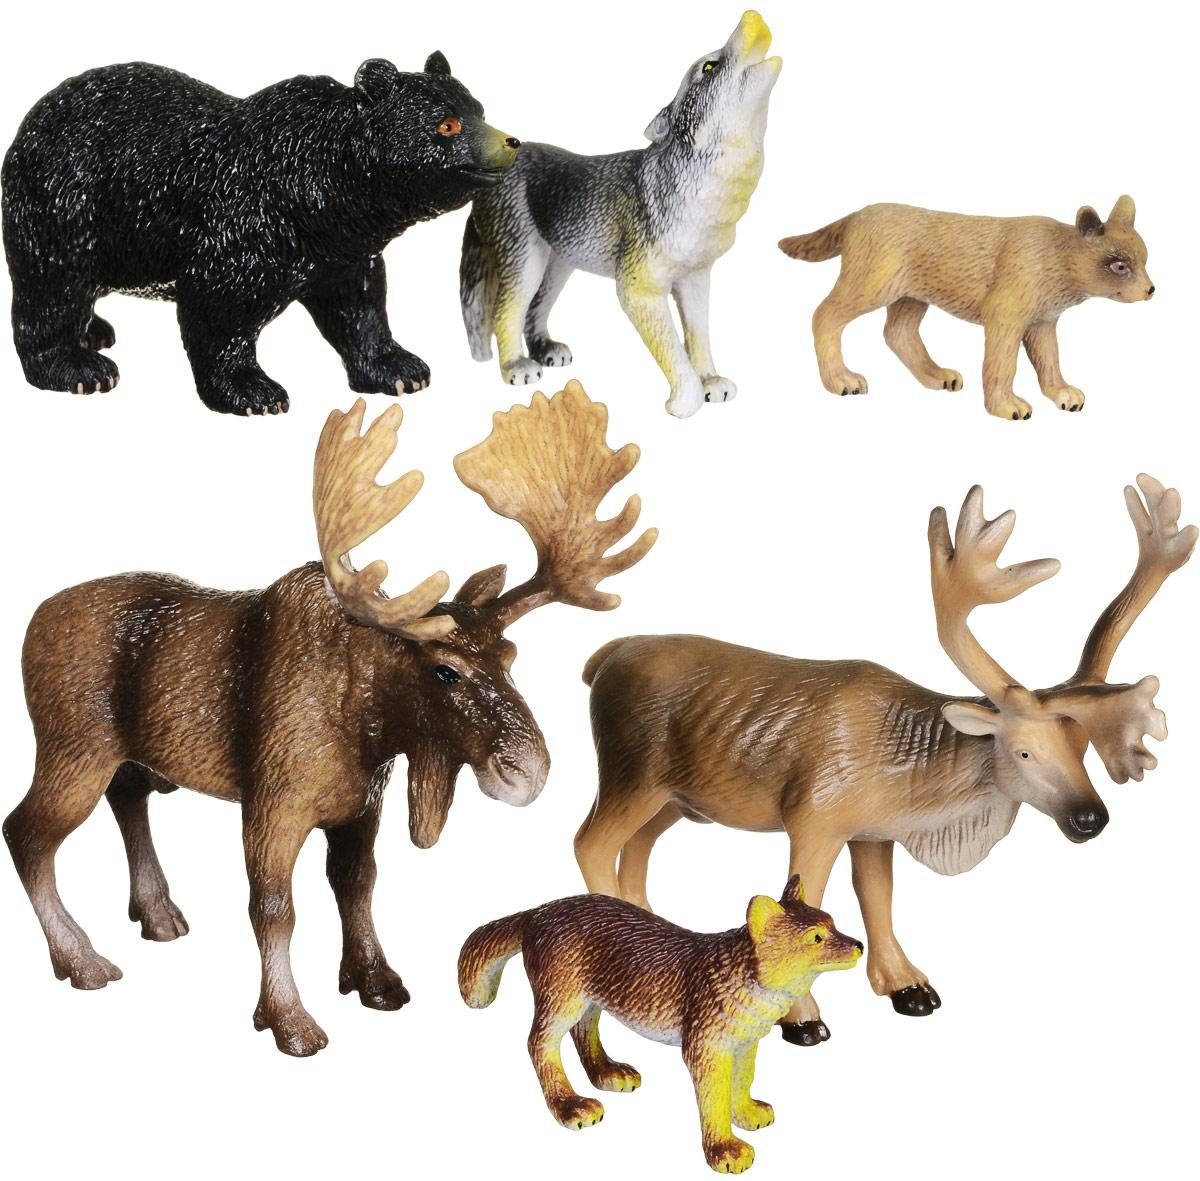 Wenno Набор фигурок Животные Северной Америки 6 шт warcraft набор фигурок лотар чернорук грифон и волк 4 шт